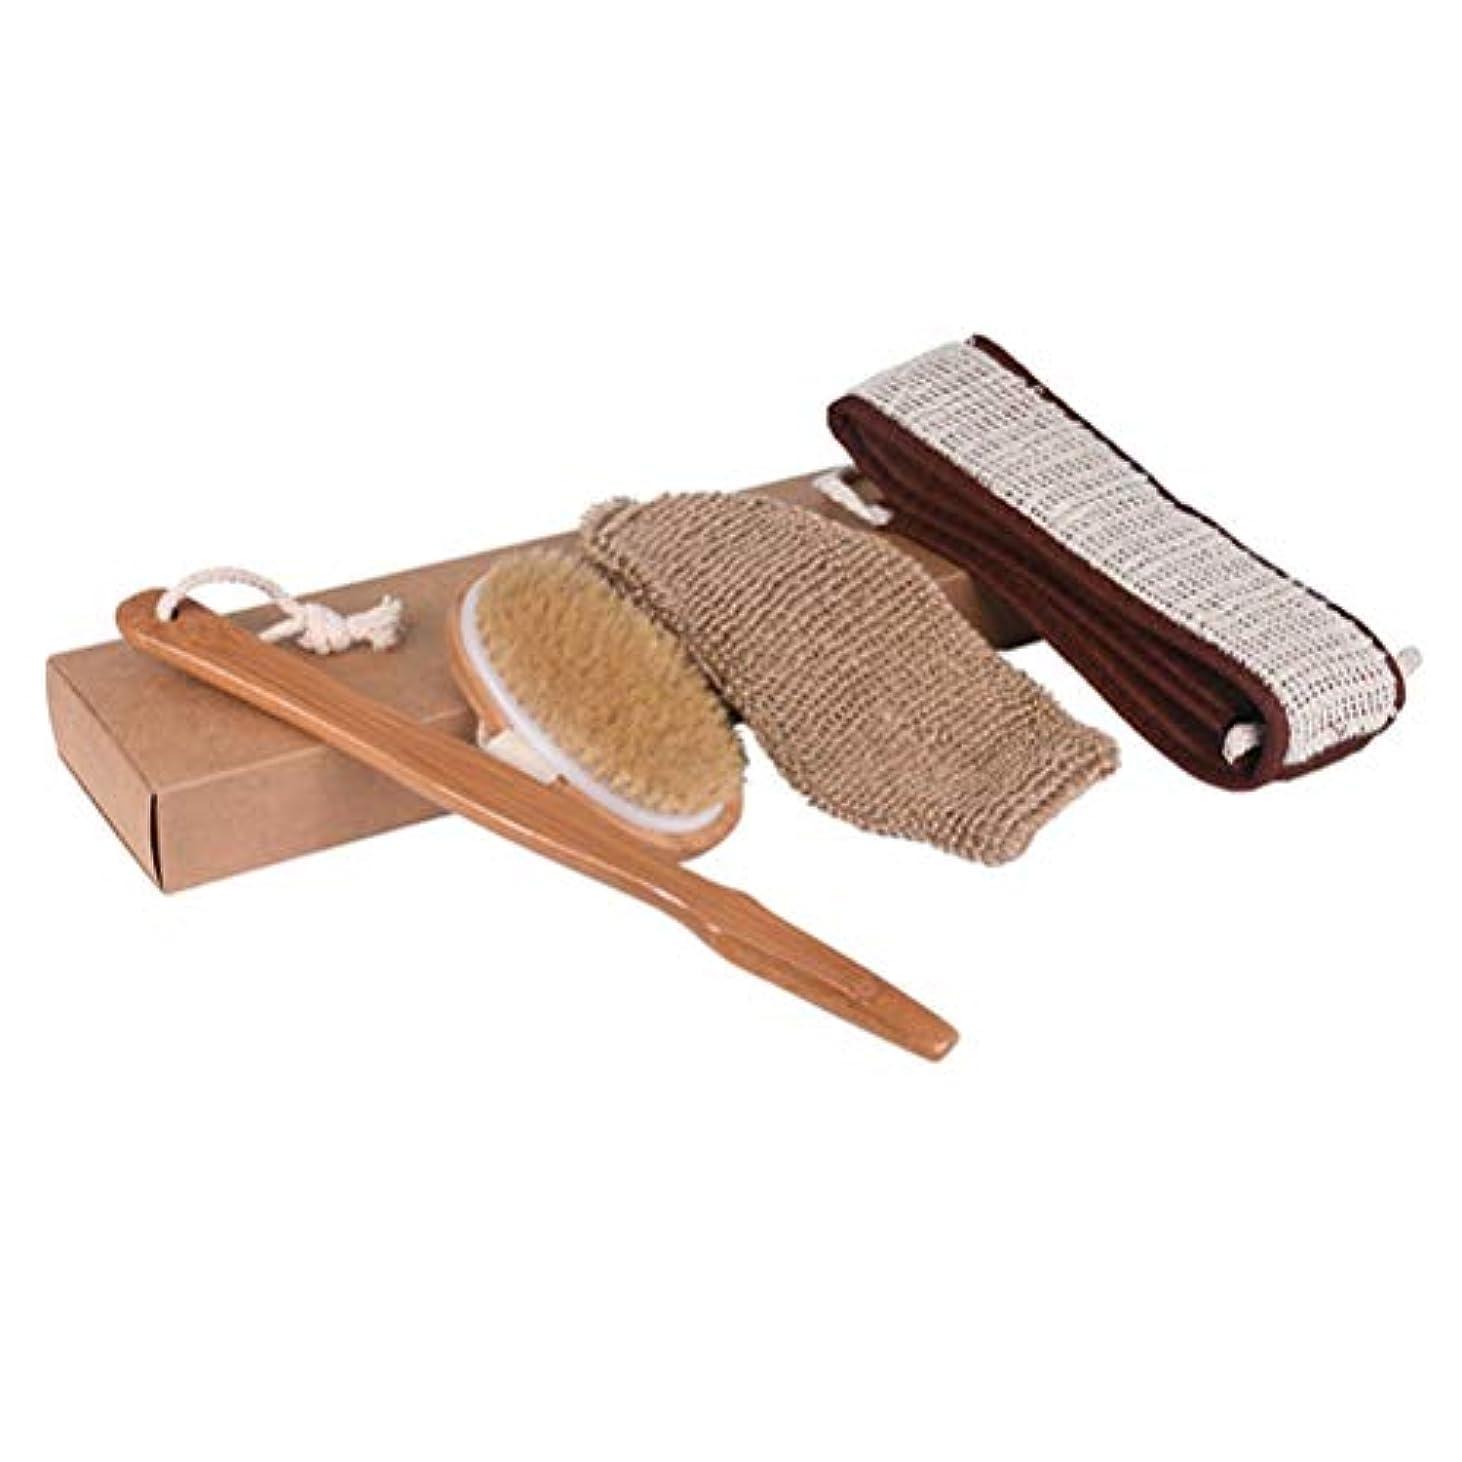 結婚疾患め言葉Healifty 1セットバスボディブラシ剥離バスクロスタオルバスグローブ木製ロングハンドル用バックスクラバーシャワーボディ